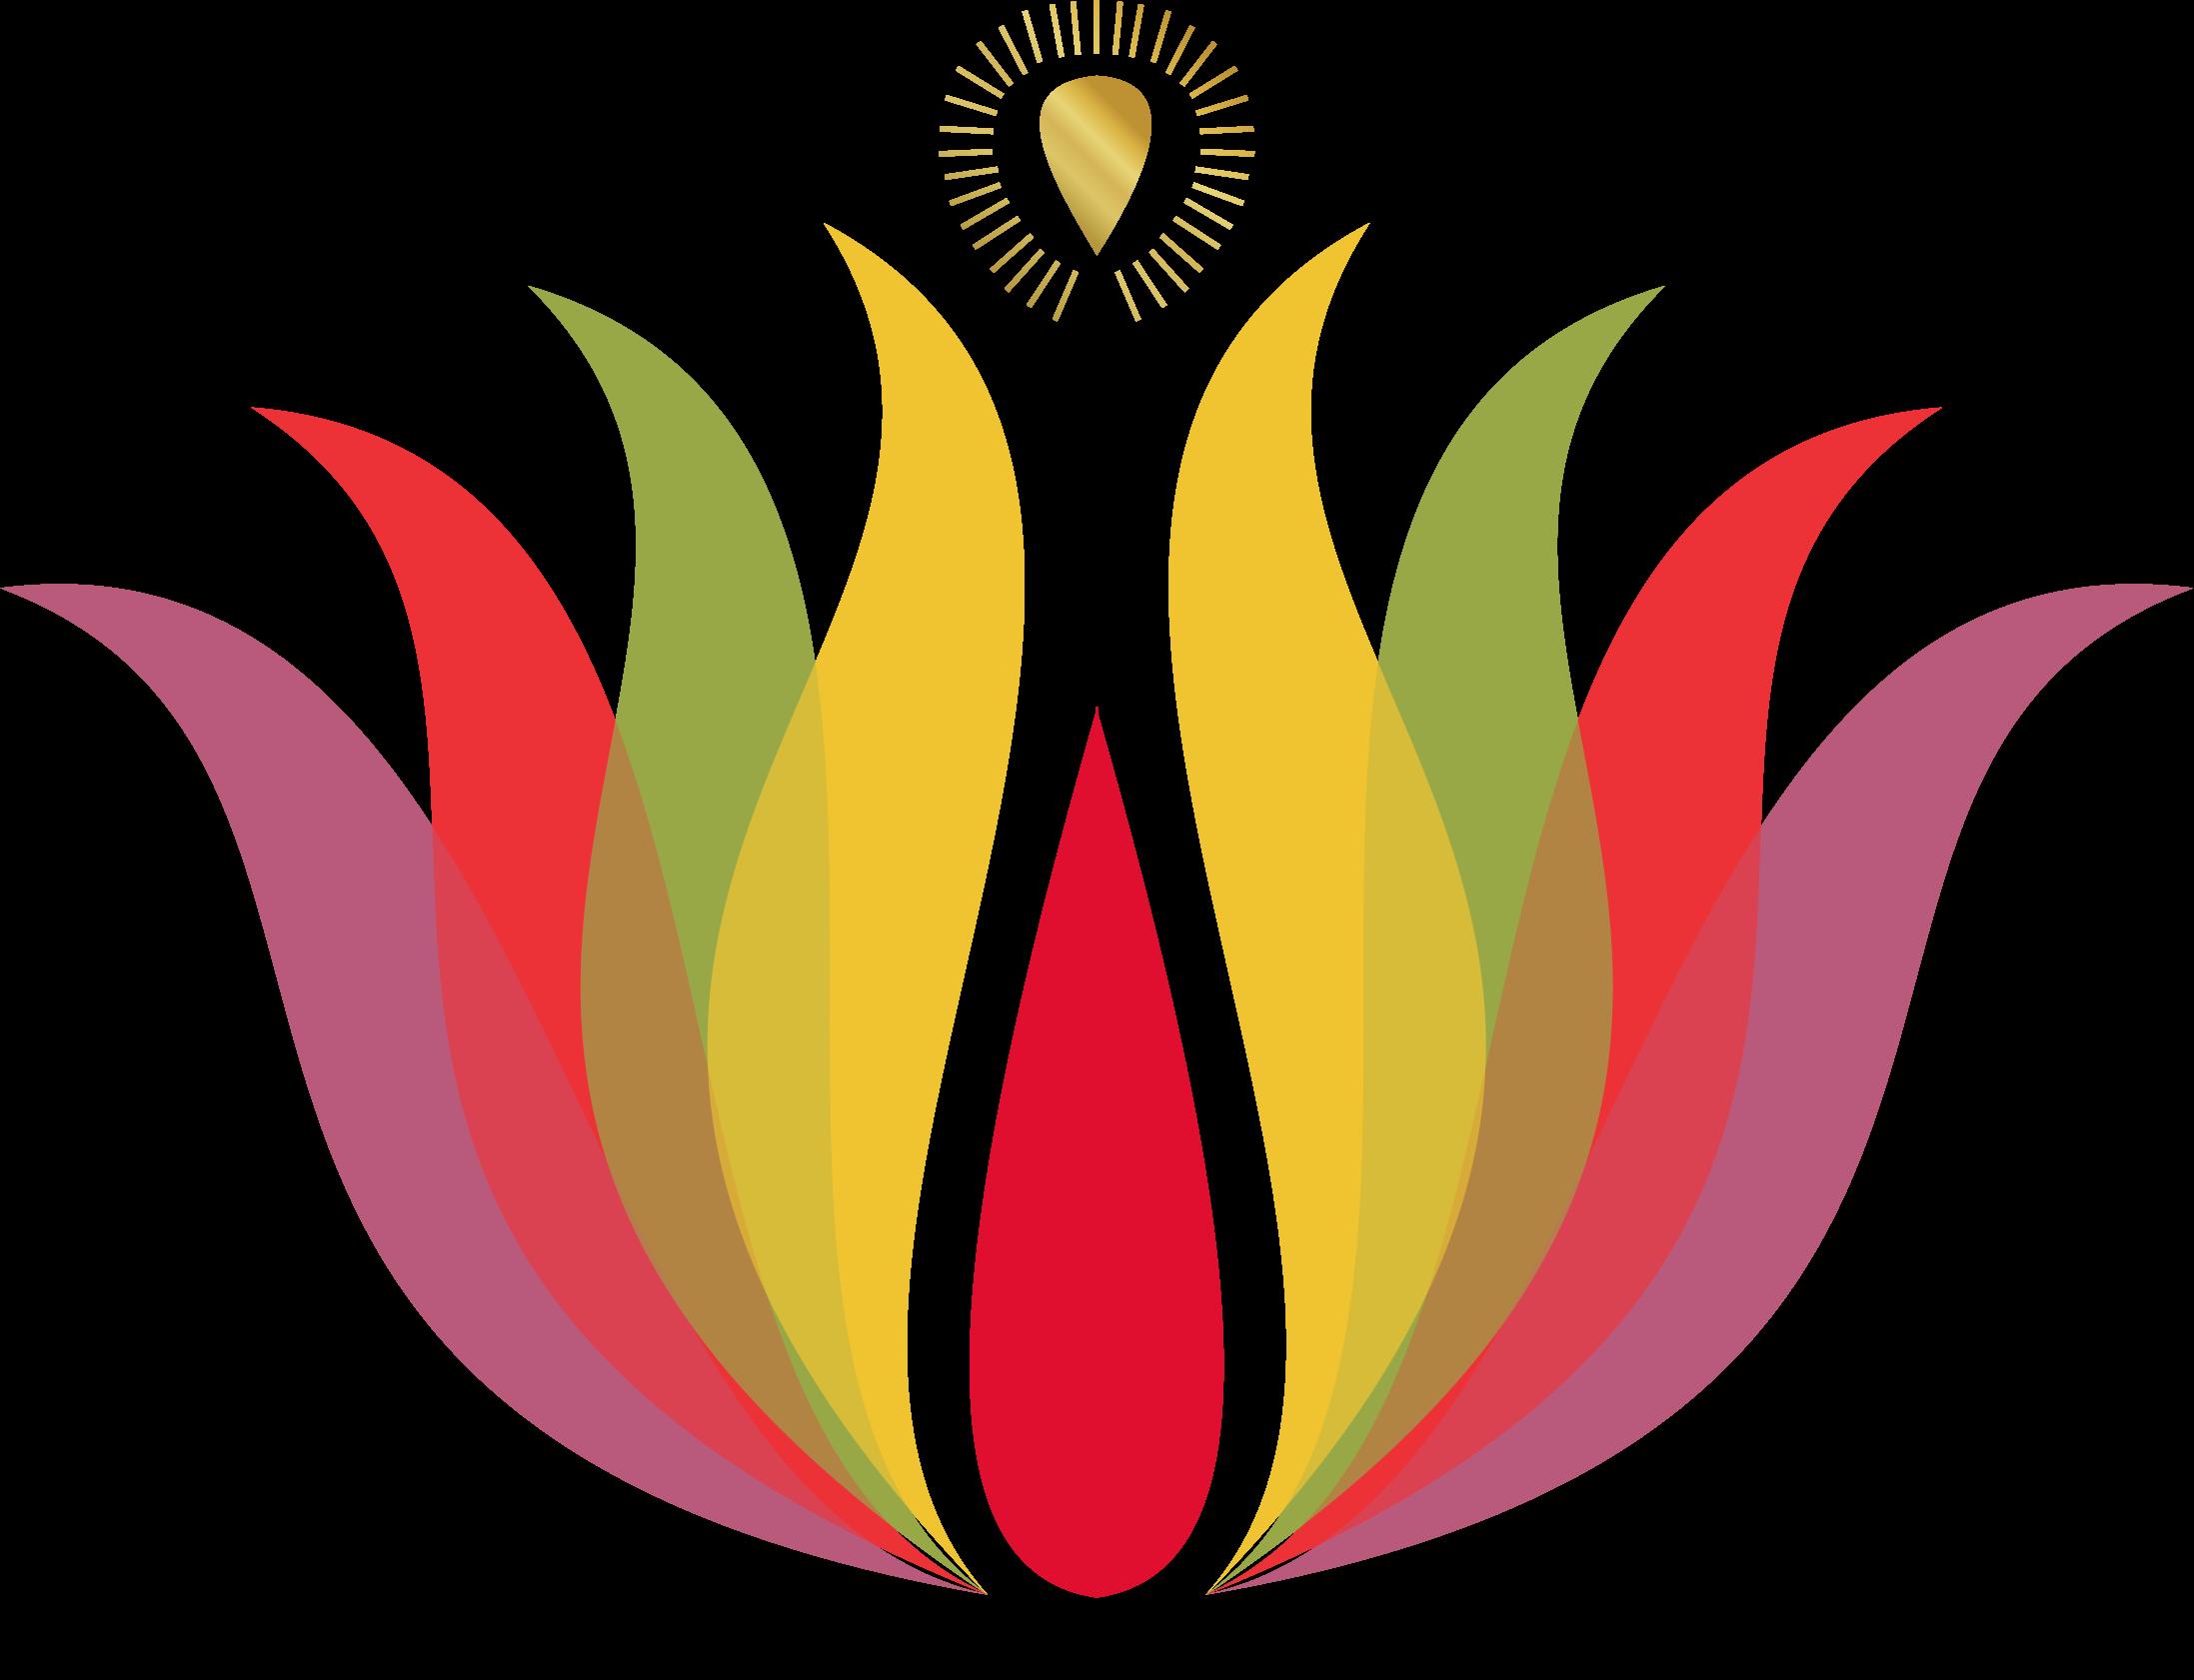 Vishal Sri Paul